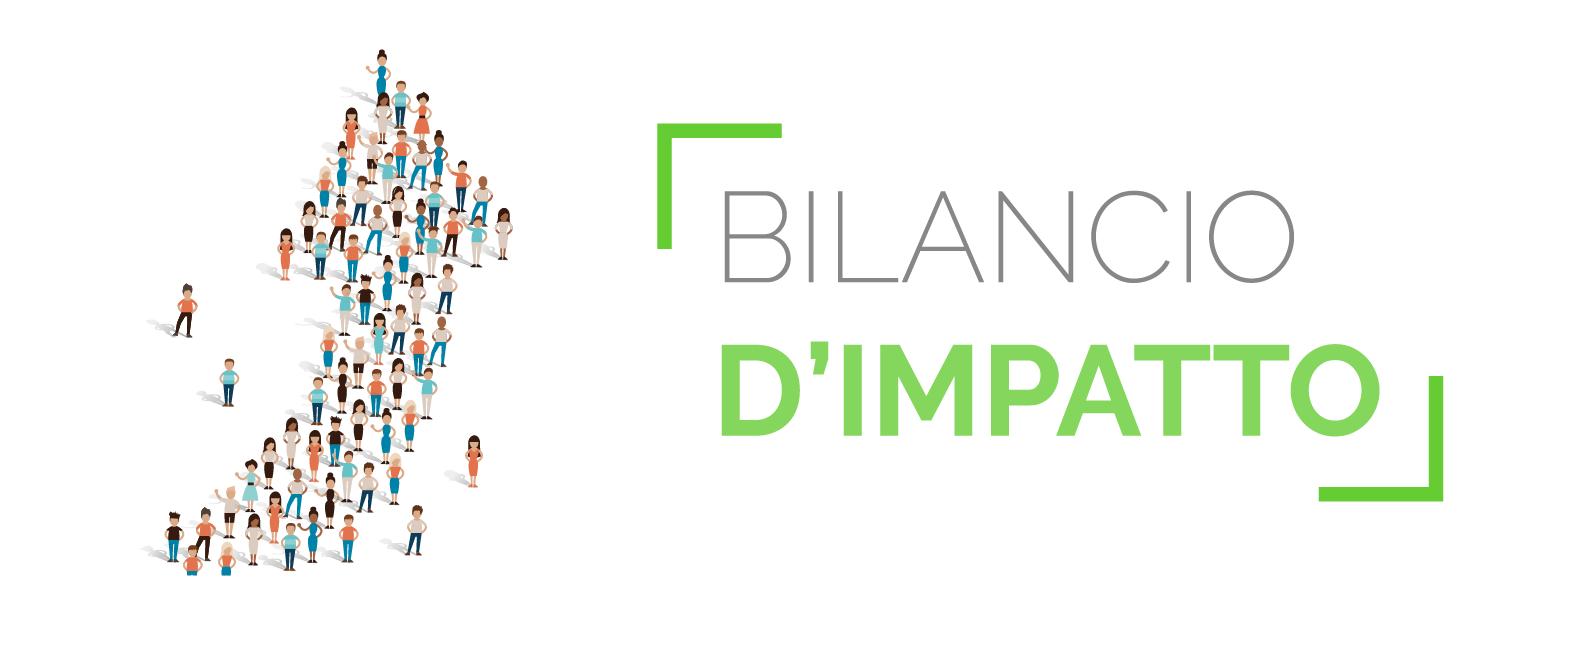 Bilancio d'Impatto